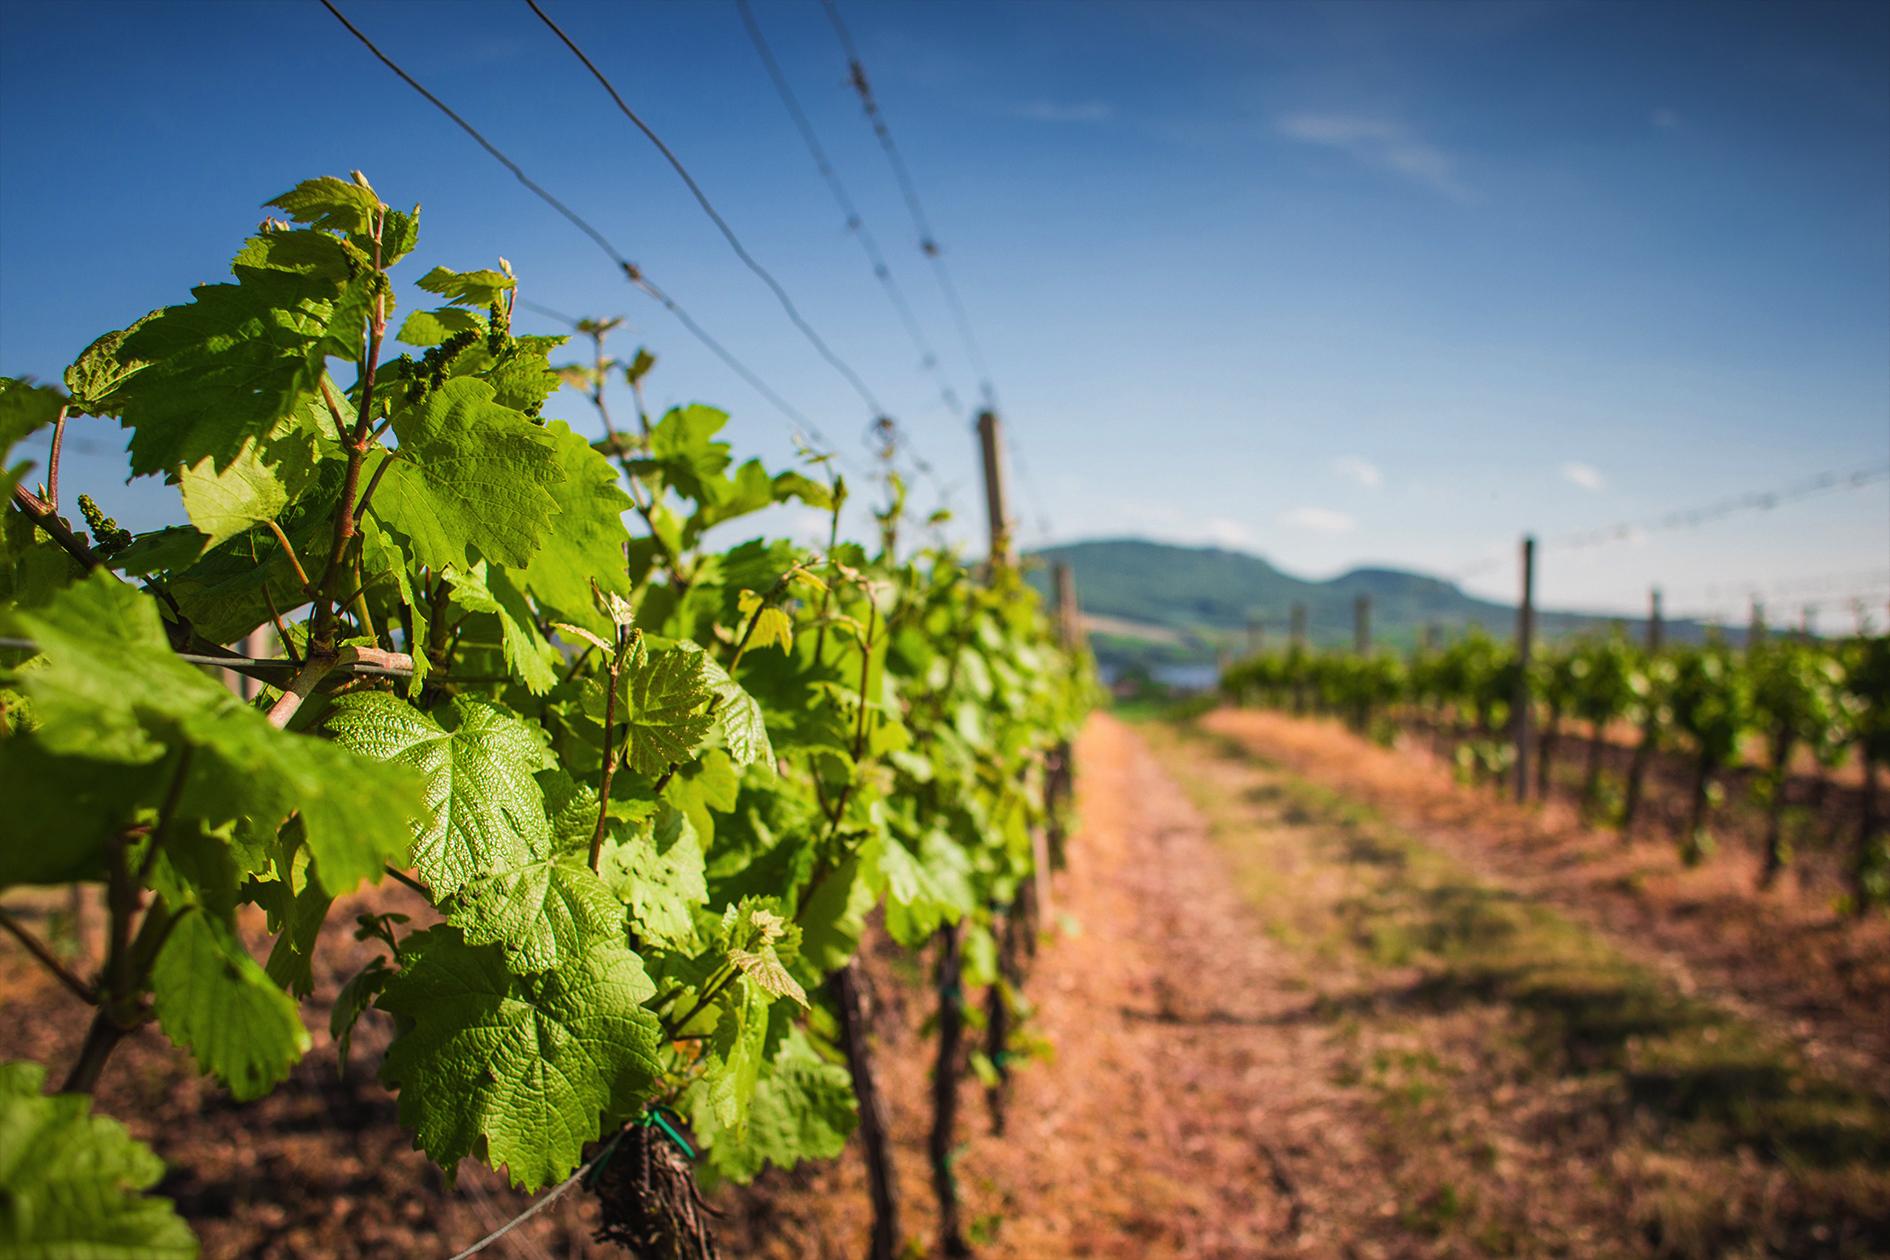 jason-b-graham-grapes-uzum-0013